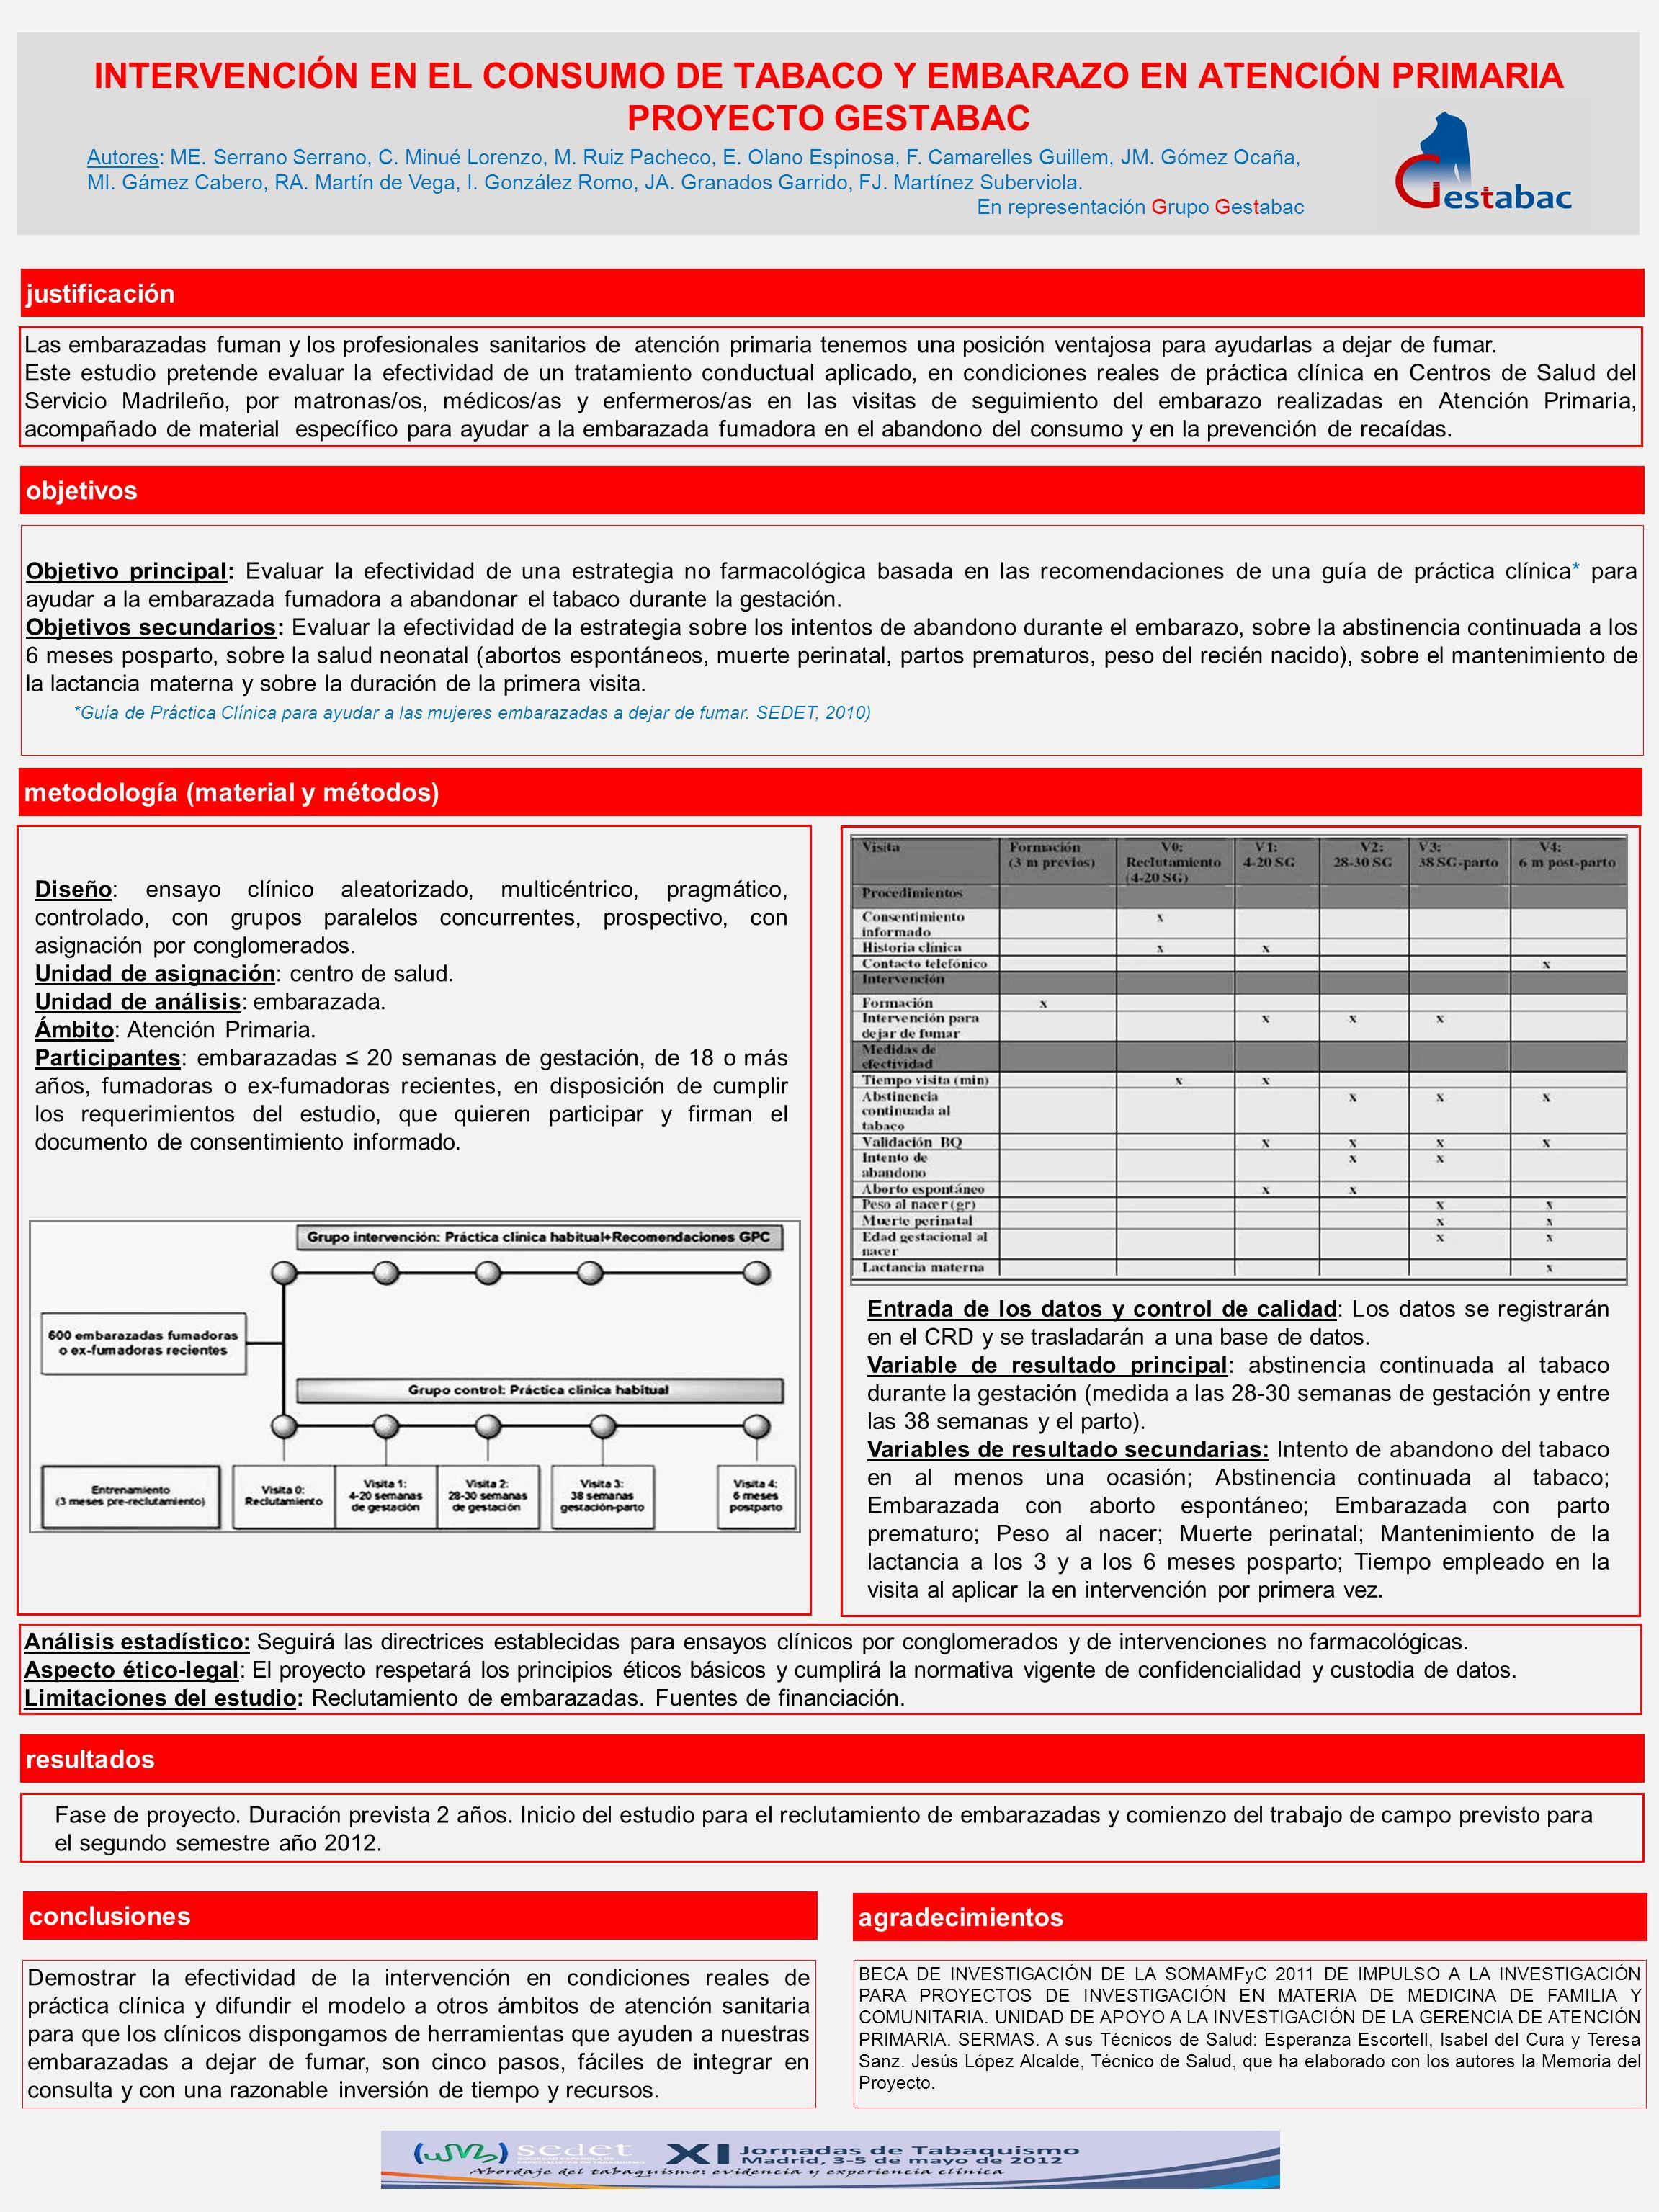 INTERVENCIÓN EN EL CONSUMO DE TABACO Y EMBARAZO EN ATENCIÓN PRIMARIA PROYECTO GESTABAC objetivos metodología (material y métodos) resultados Autores: